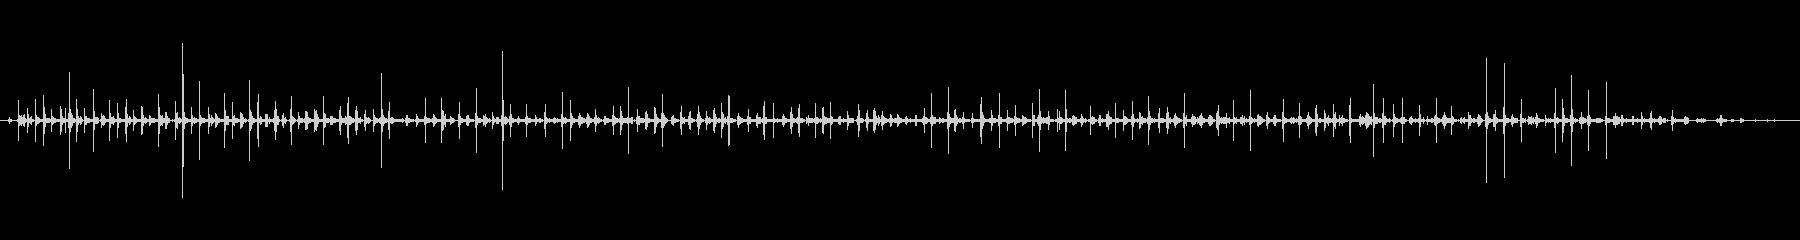 バイノーラル足音走るサンダル_前の未再生の波形